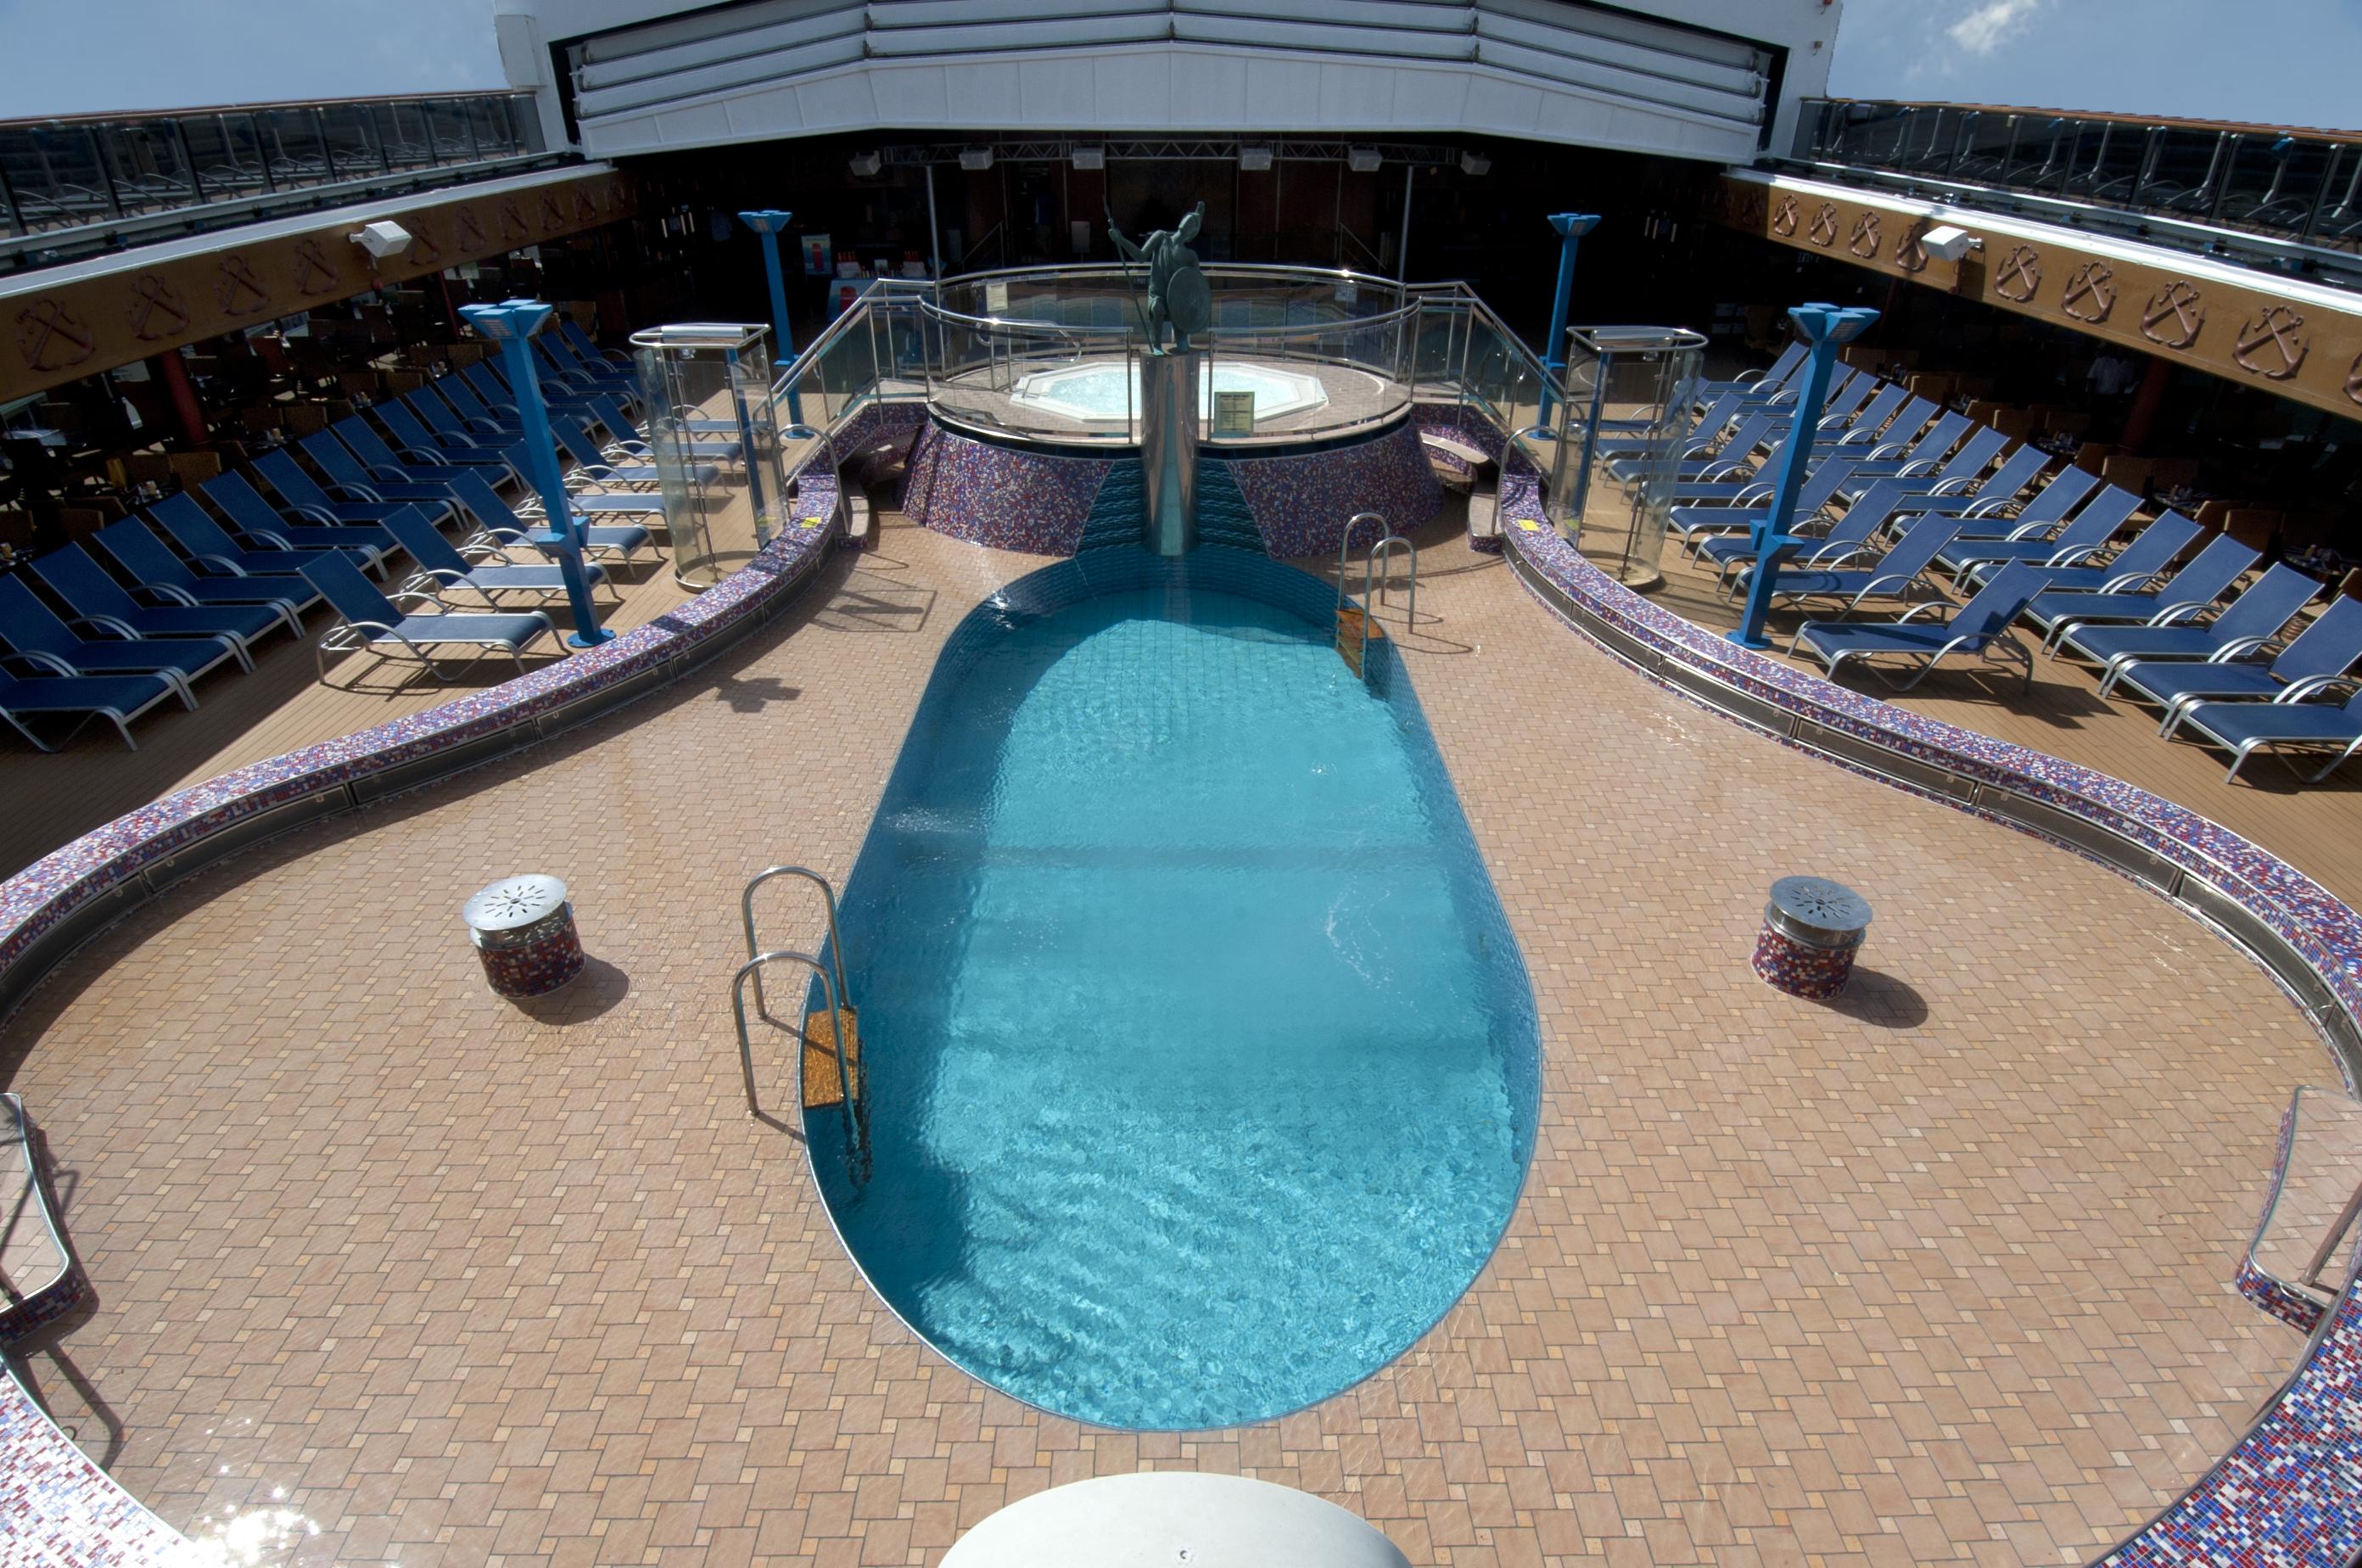 Carnival Miracle Ulysses Pool 1.jpg